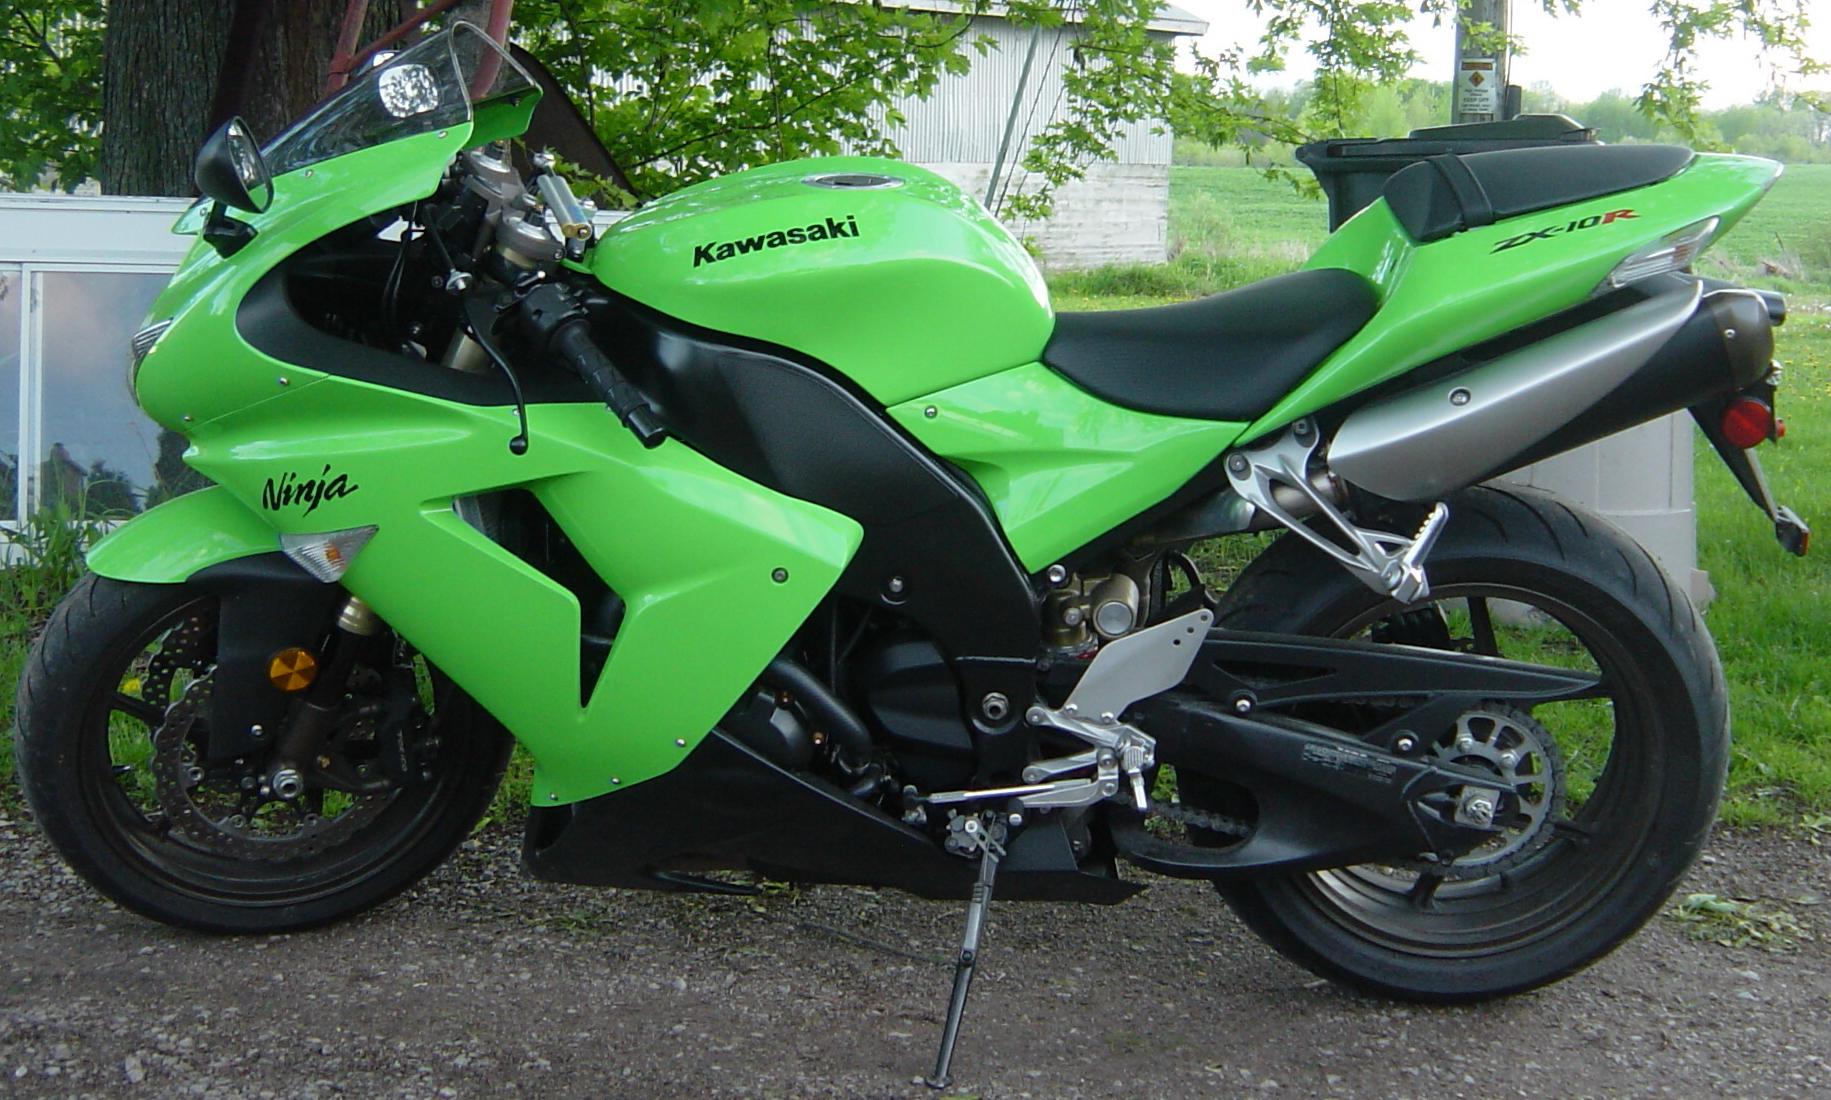 Kawasaki Ninja Lime Motorcycle By FantasyStock